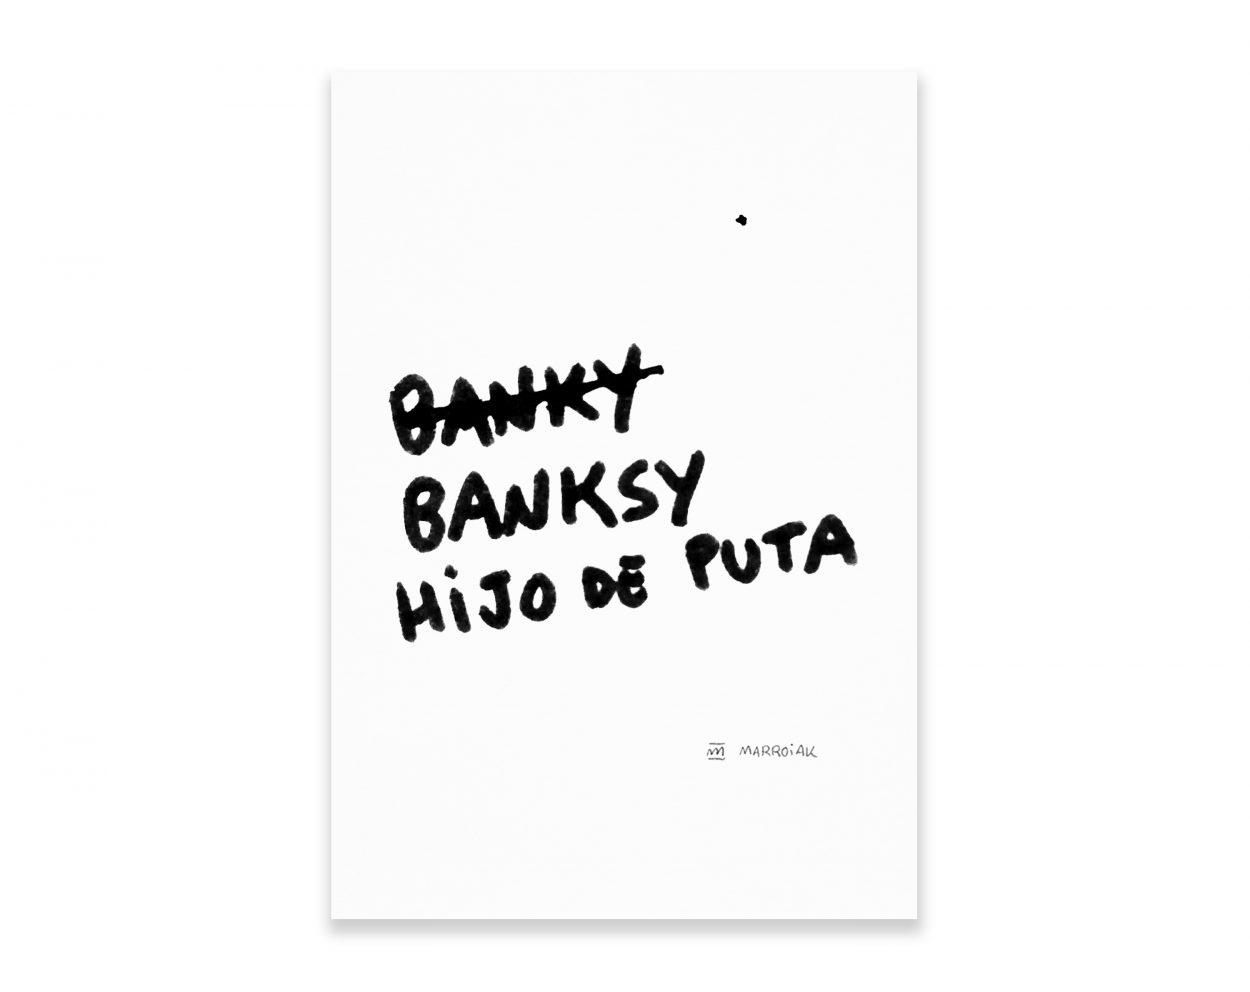 Cuadro decorativo serigrafía Banksy Hijo de Puta. Arte Contemporaneo. Arte urbano. Frases